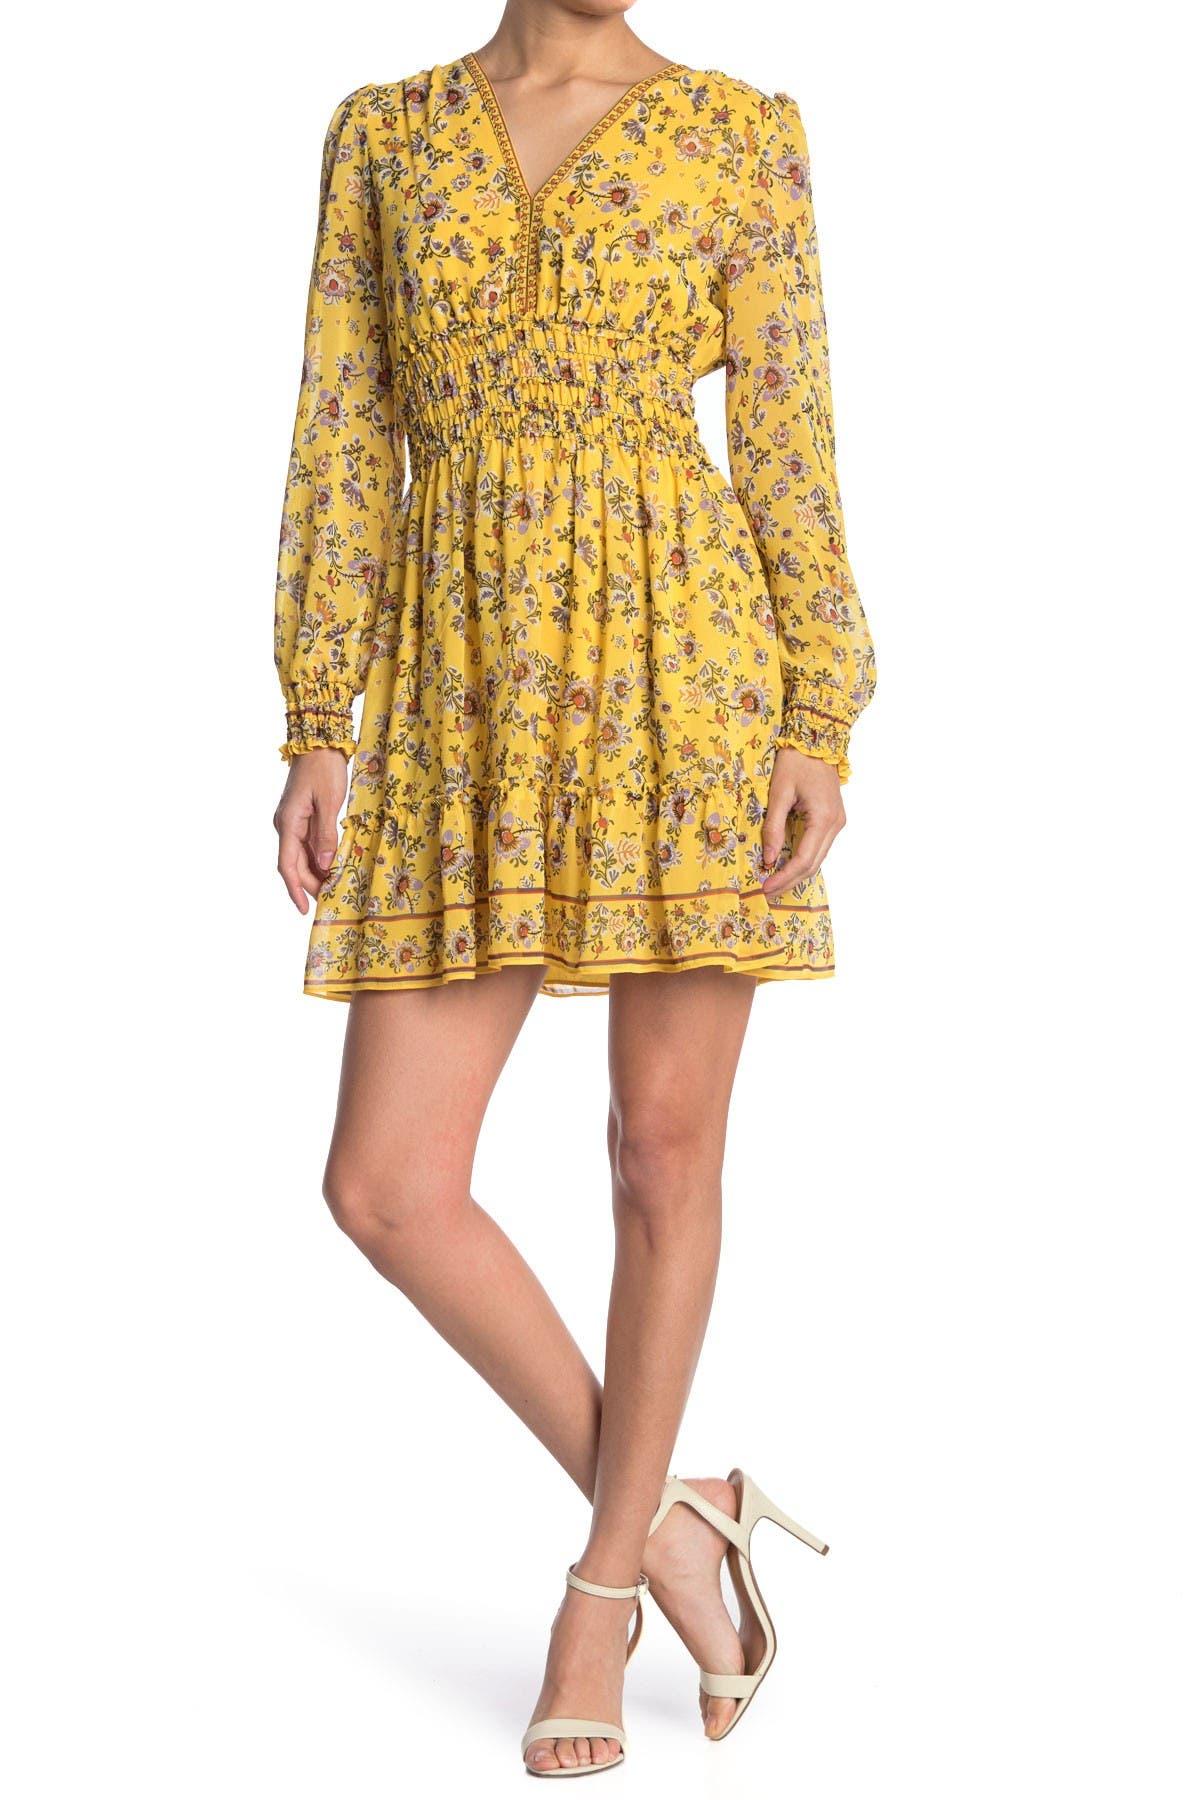 70s Clothes | Hippie Clothes & Outfits Max Studio V-Neck Smocked Dress Size L - Mzlvptfp at Nordstrom Rack $39.97 AT vintagedancer.com